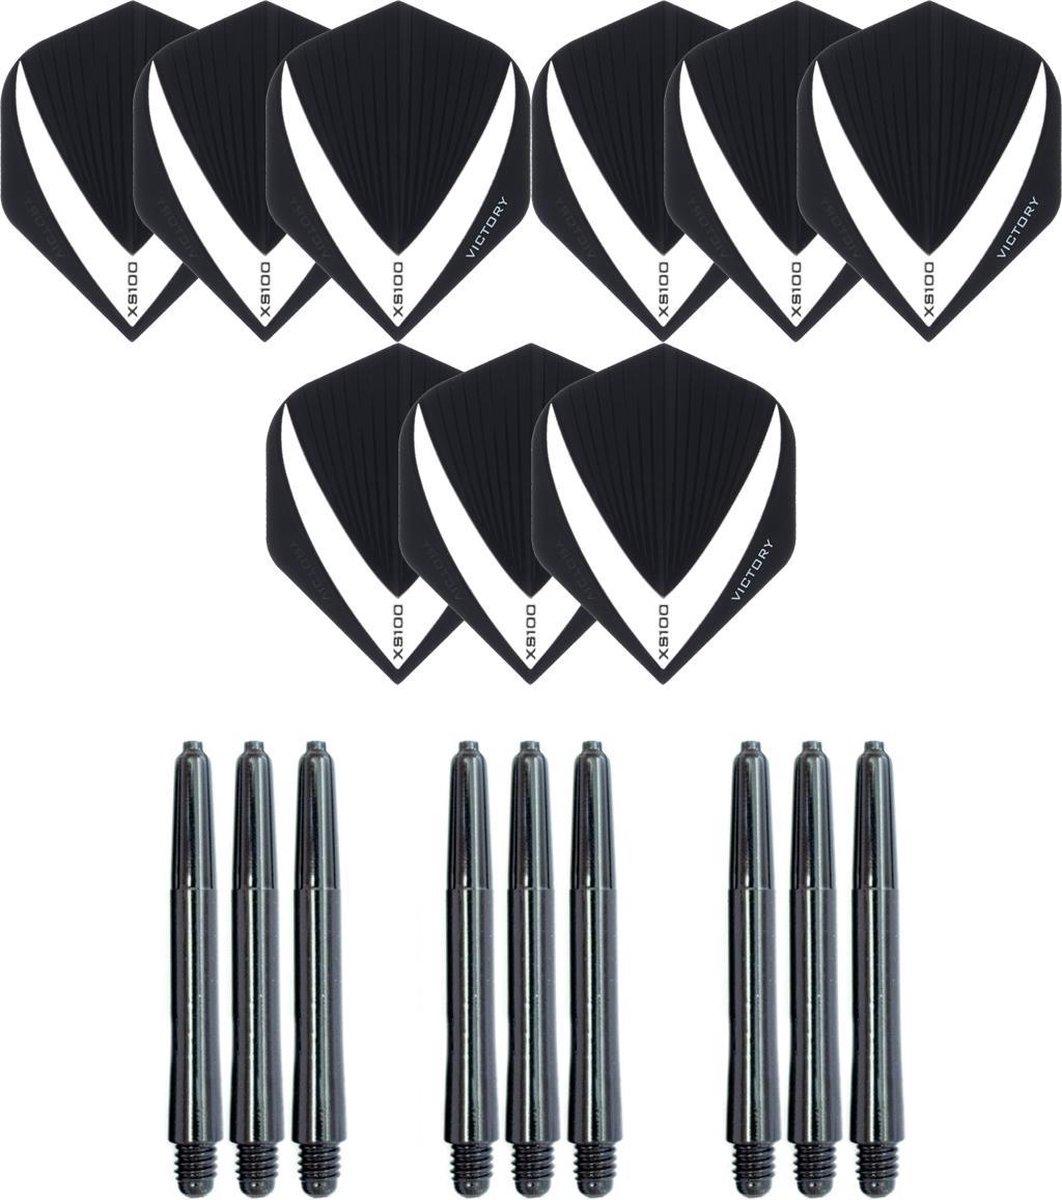 3 sets (9 stuks) Super Sterke - Wit/Clear - Vista-X - darts flights - inclusief 3 sets (9 stuks) - medium - darts shafts